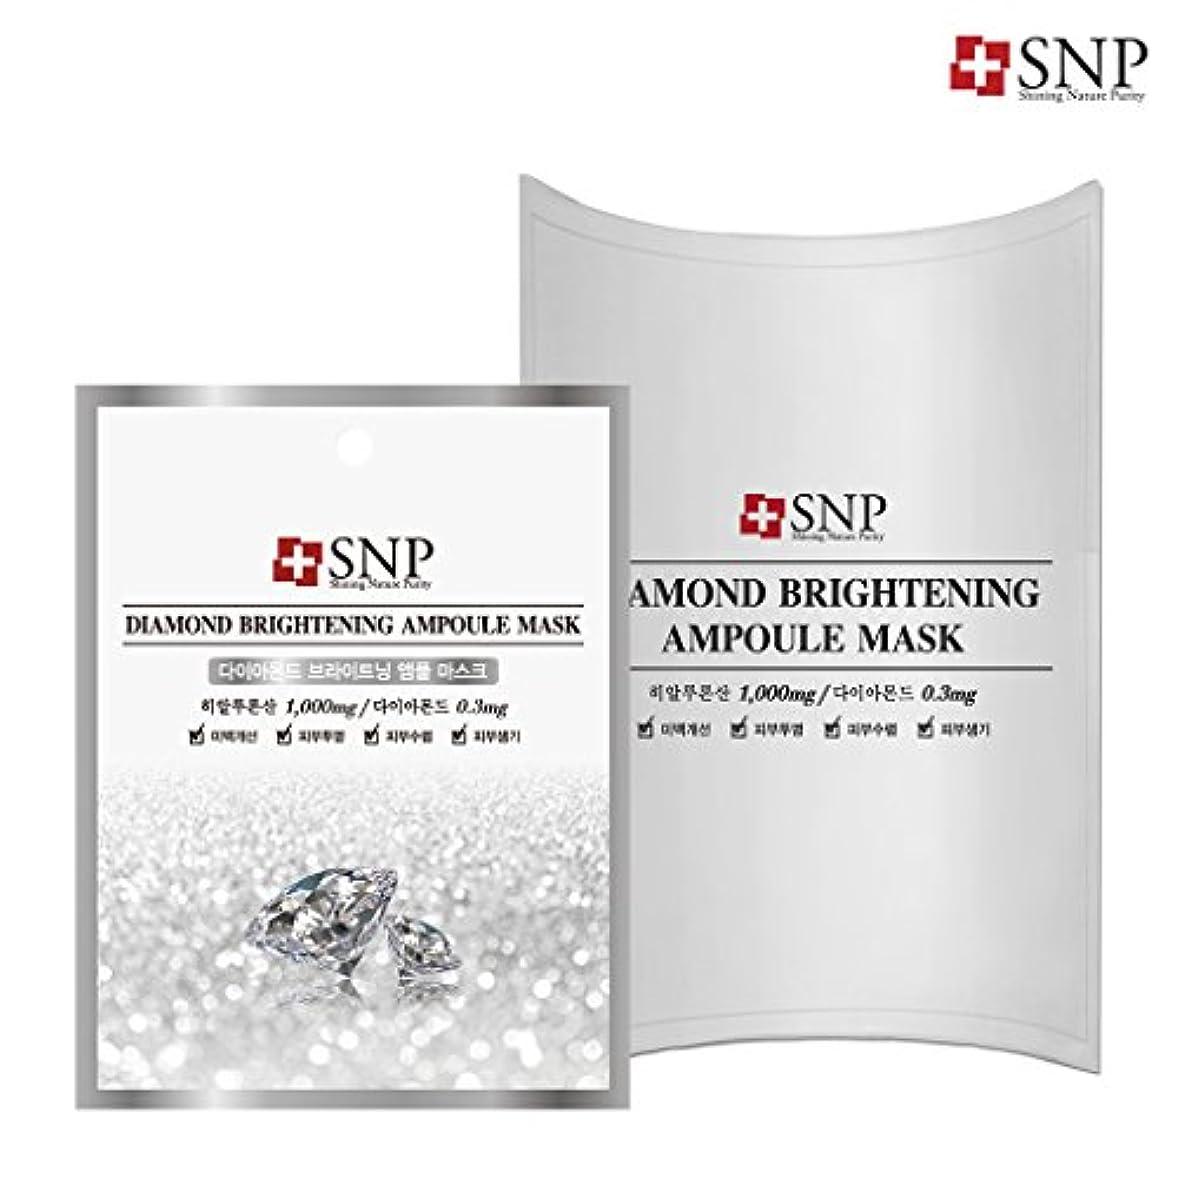 SNP ダイアモンド ブライトニング アンプル マスク (10枚) 10枚/DIAMOND BRIGHTENING AMPOULE MASK 10EA[海外直送品]